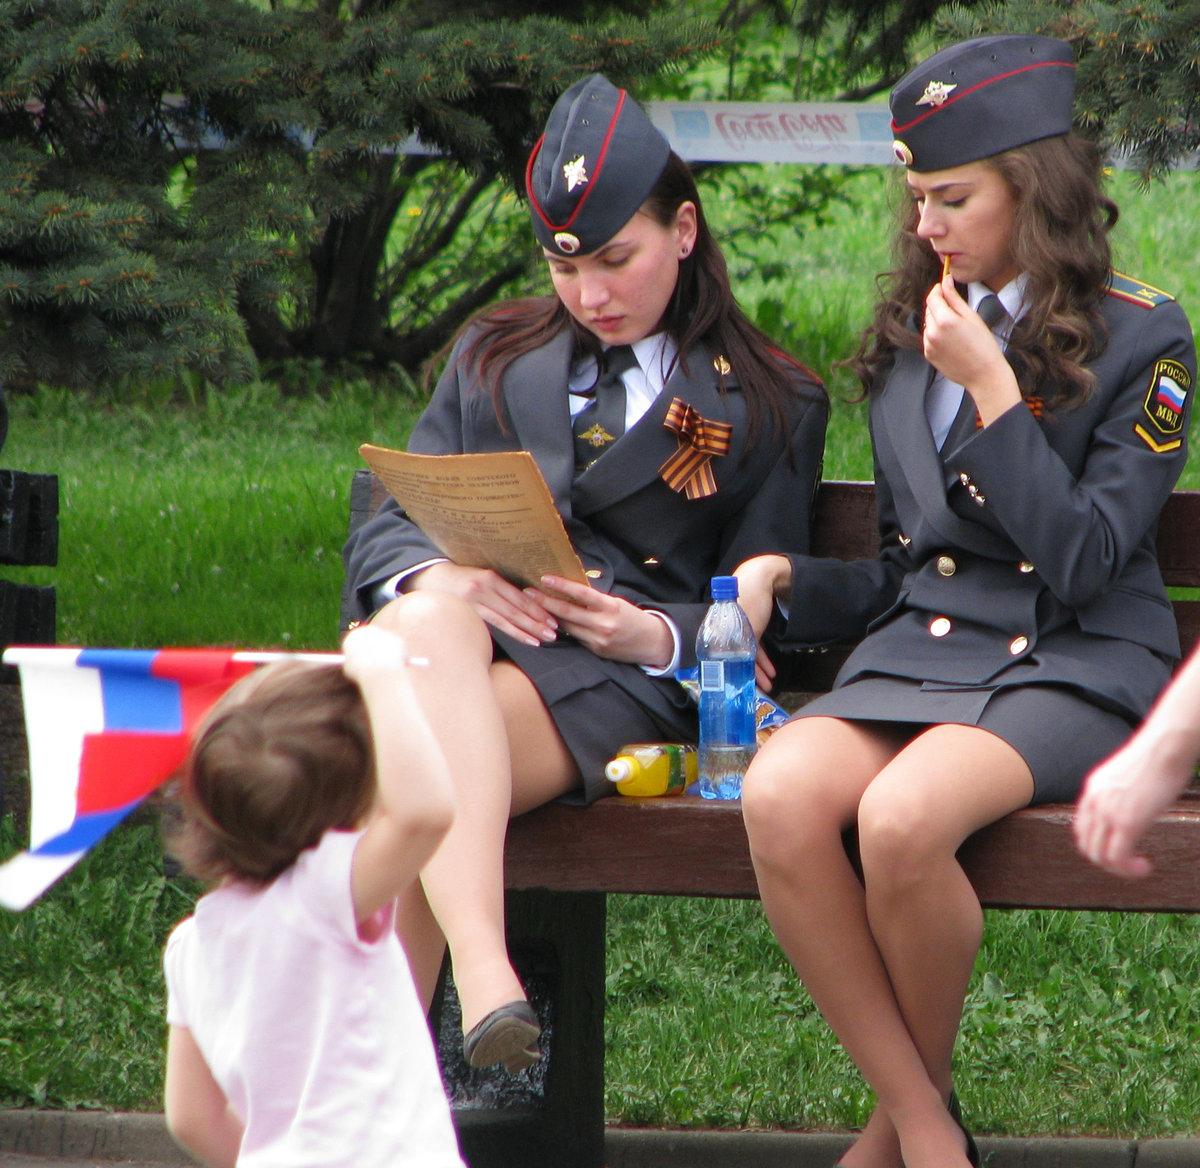 trahnuli-sotrudnitsu-russkoy-politsii-devushki-sosut